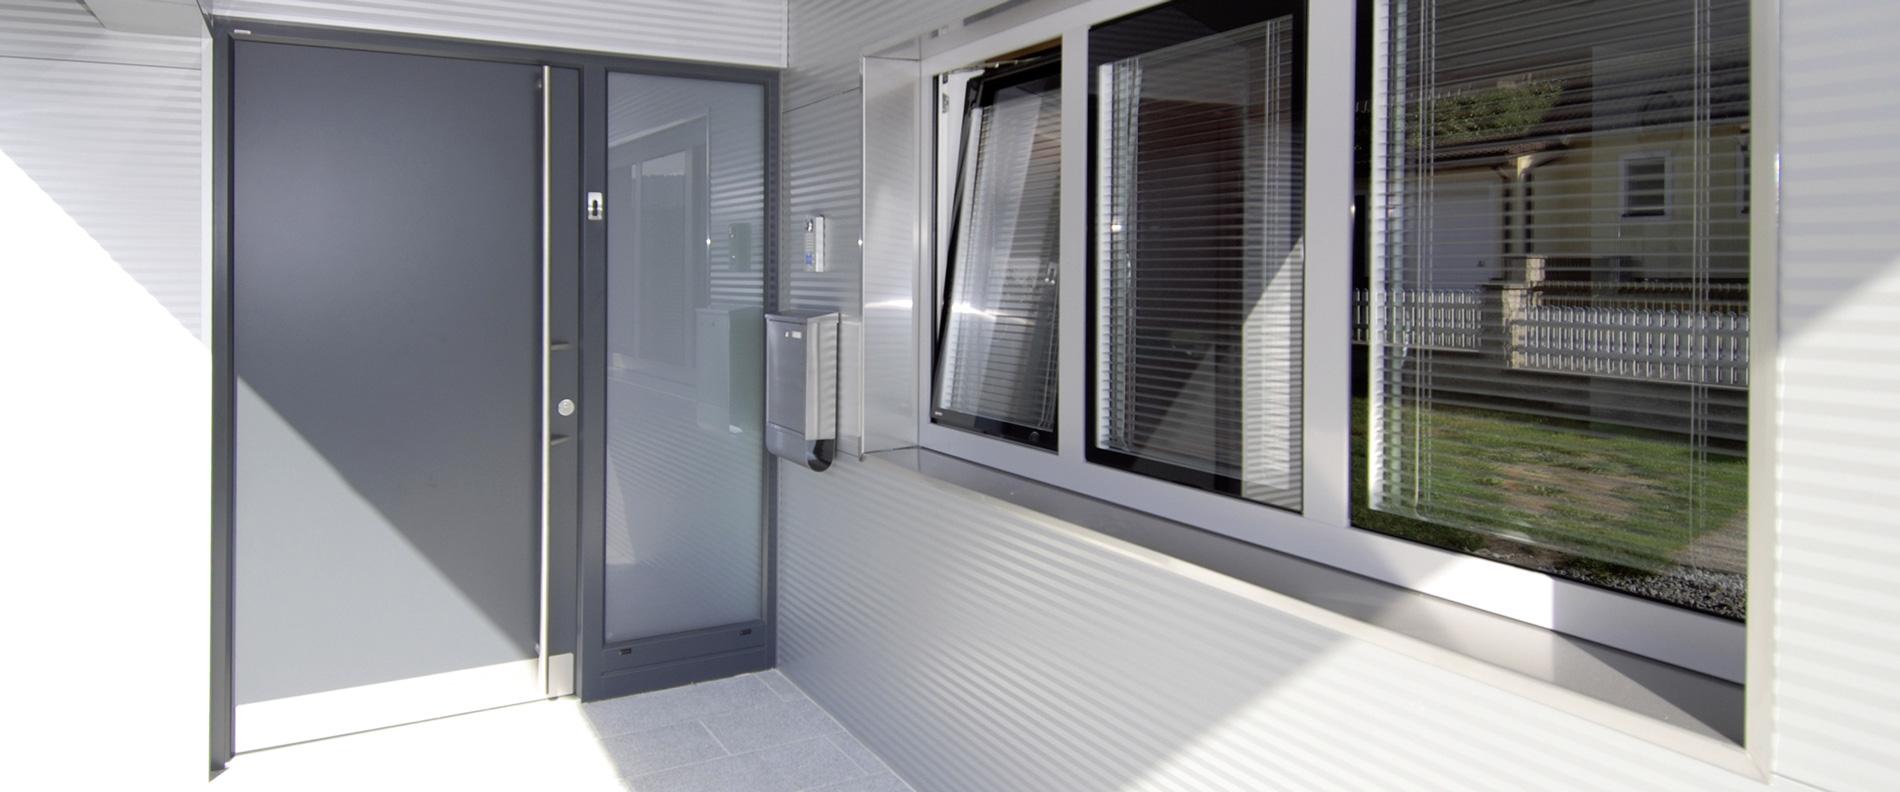 Haustüren - Toppmöller GmbH :: Fenster - Haustüren - Wintergärten